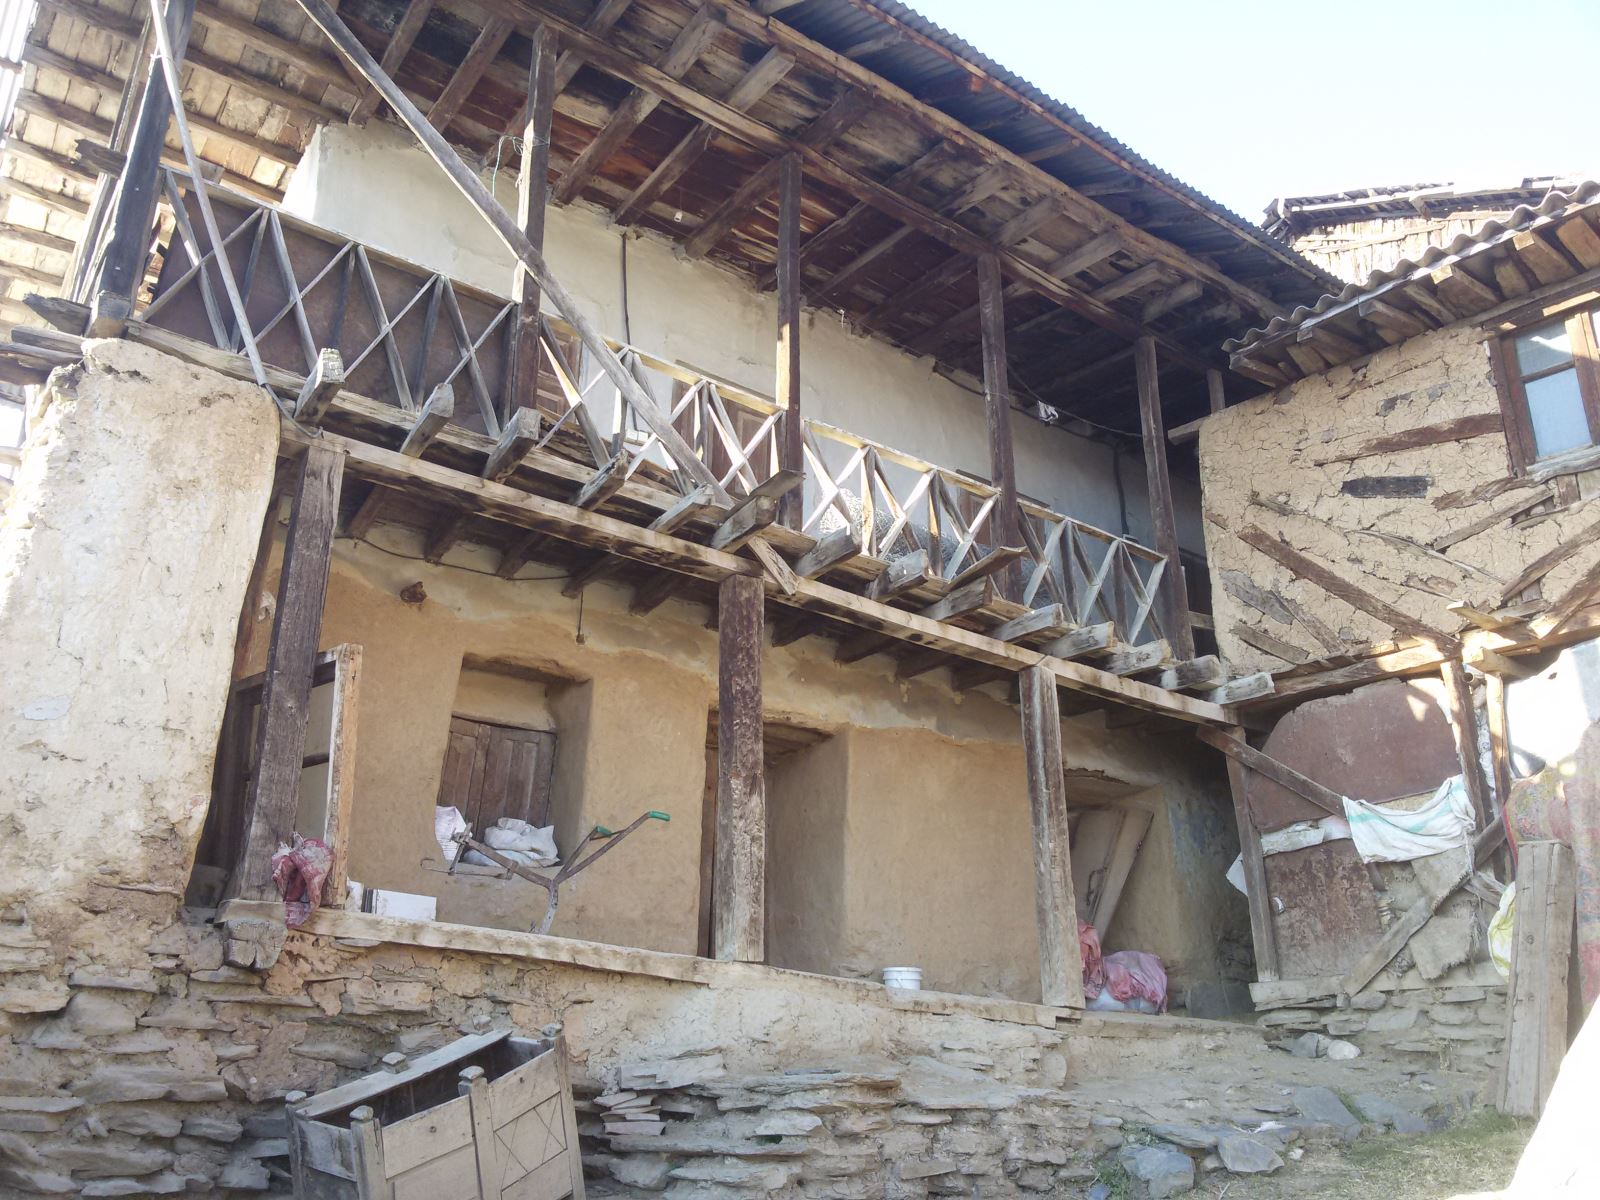 20210303 161412 - خانه تکانی سنتی و استقبال از نوروز در مازندران